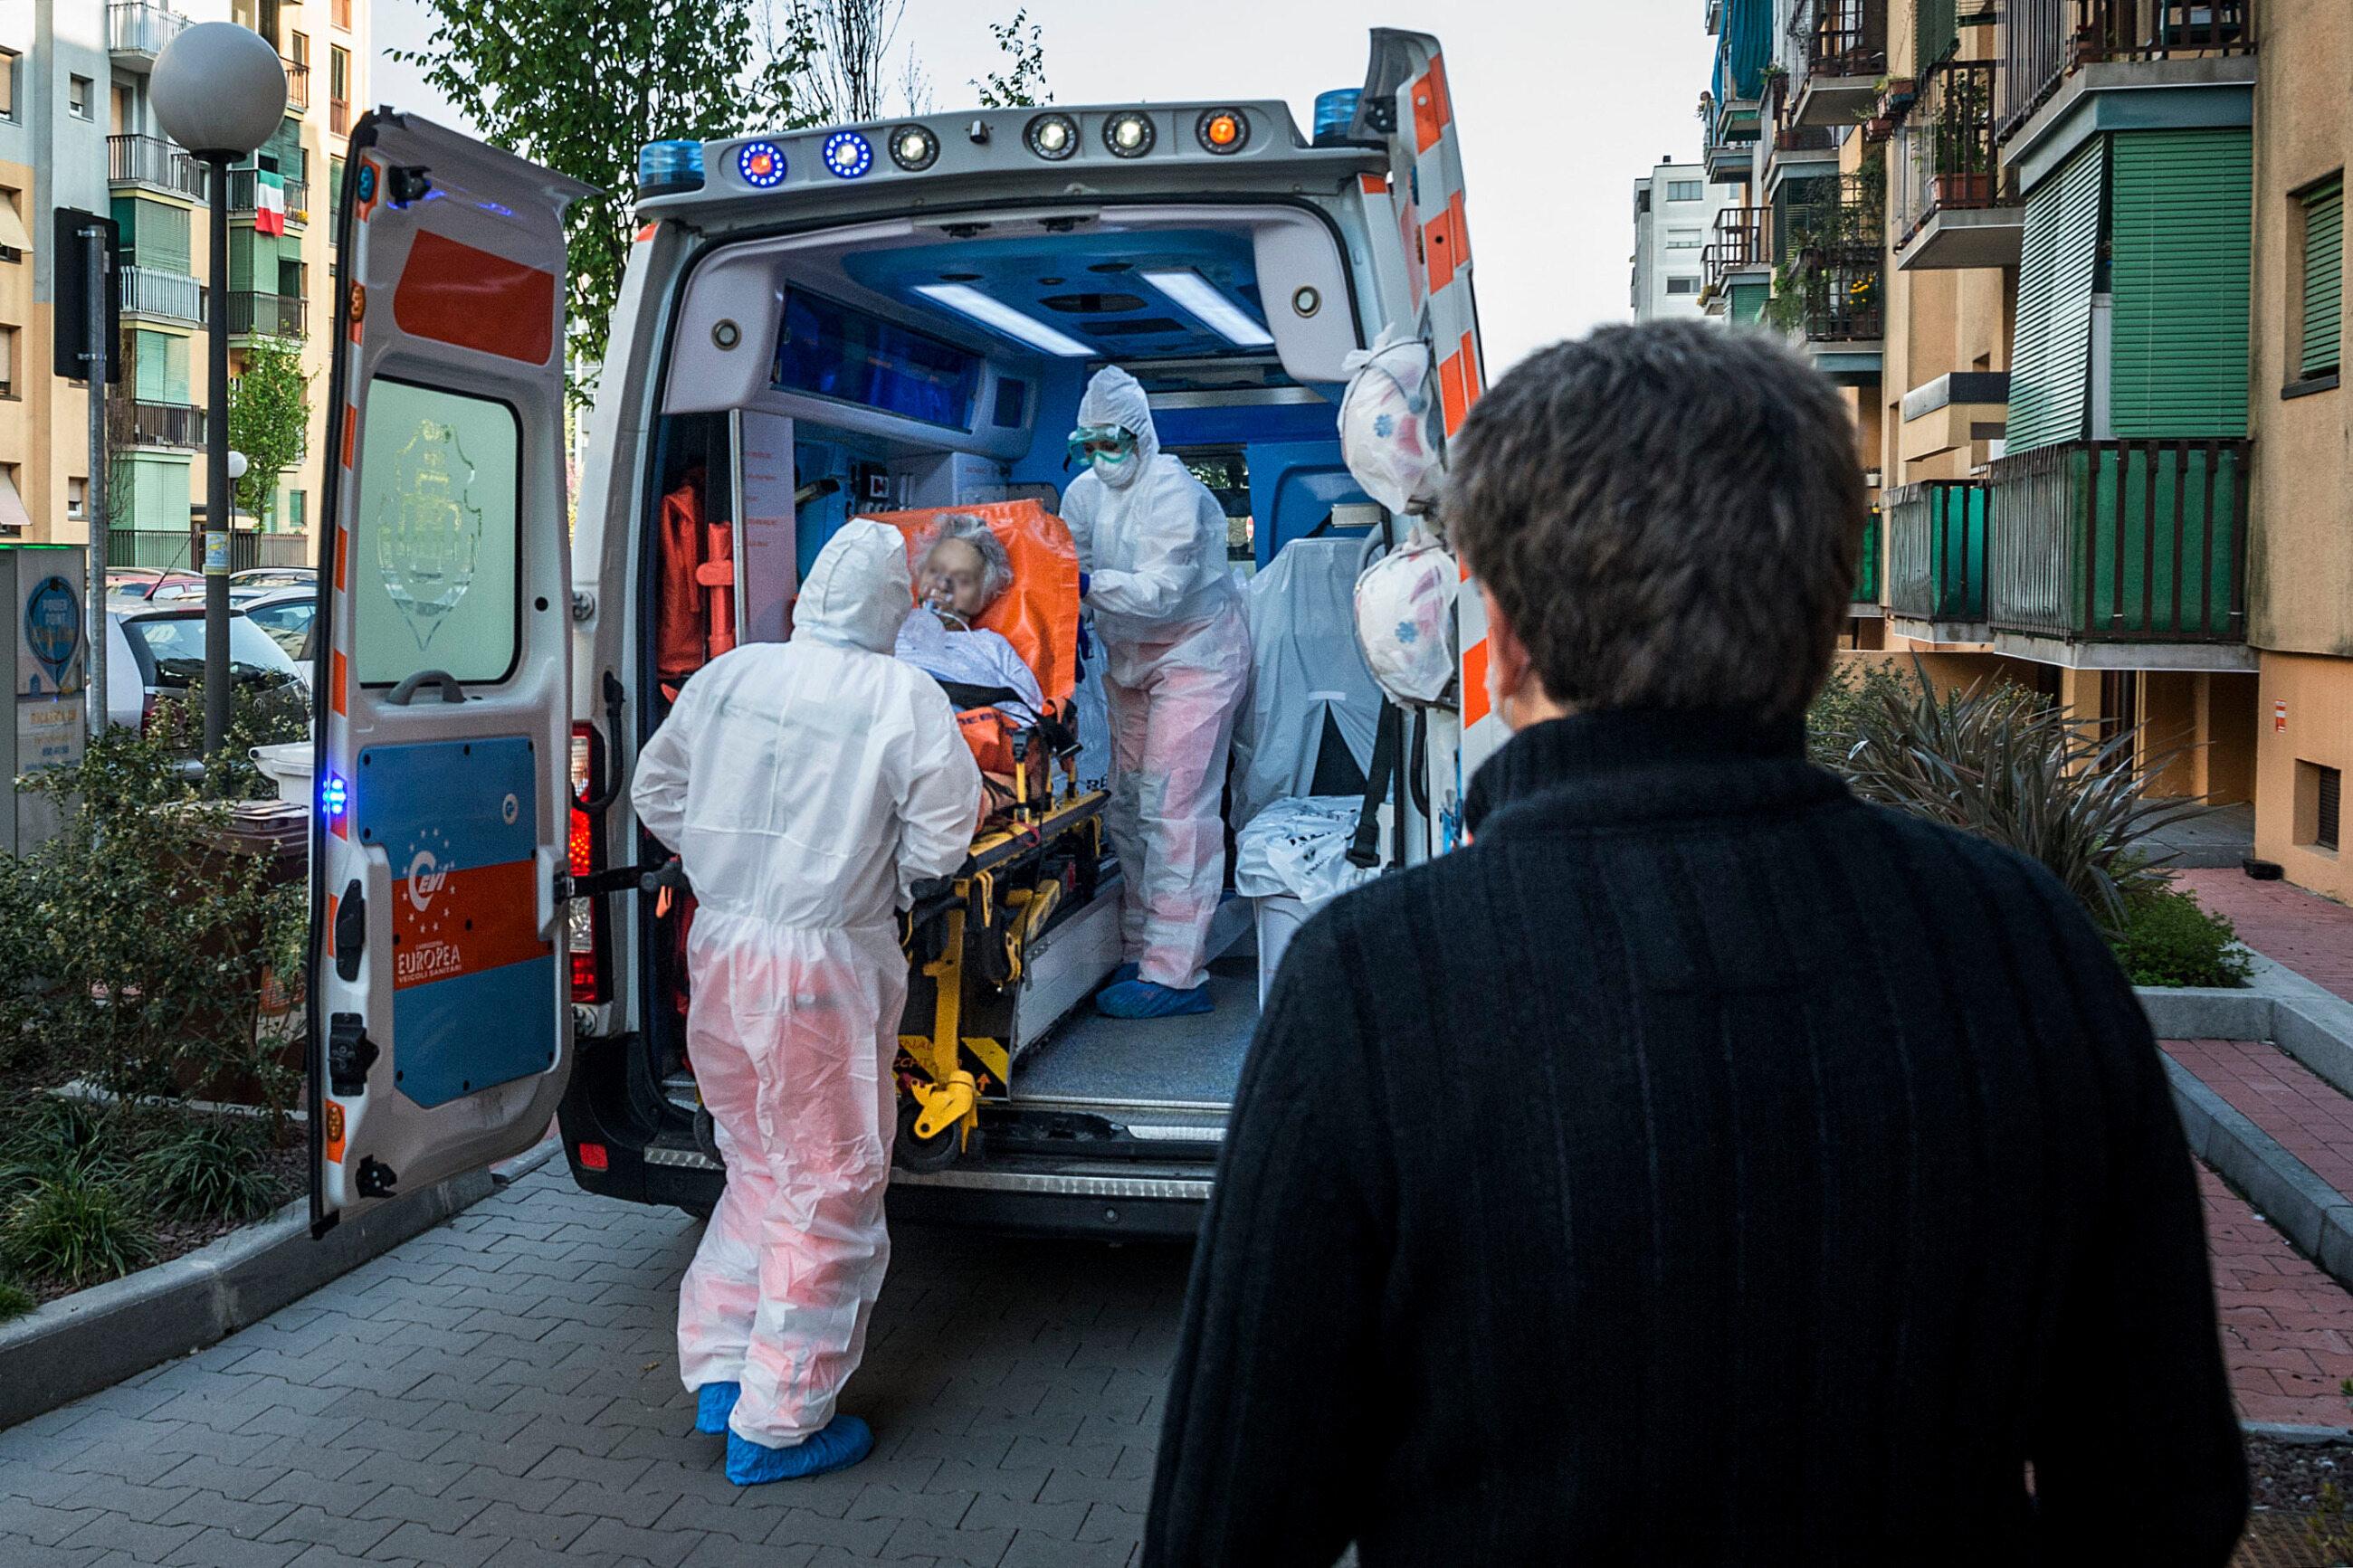 Mediolan. Ratownicy transportują do szpitala chorą osobę